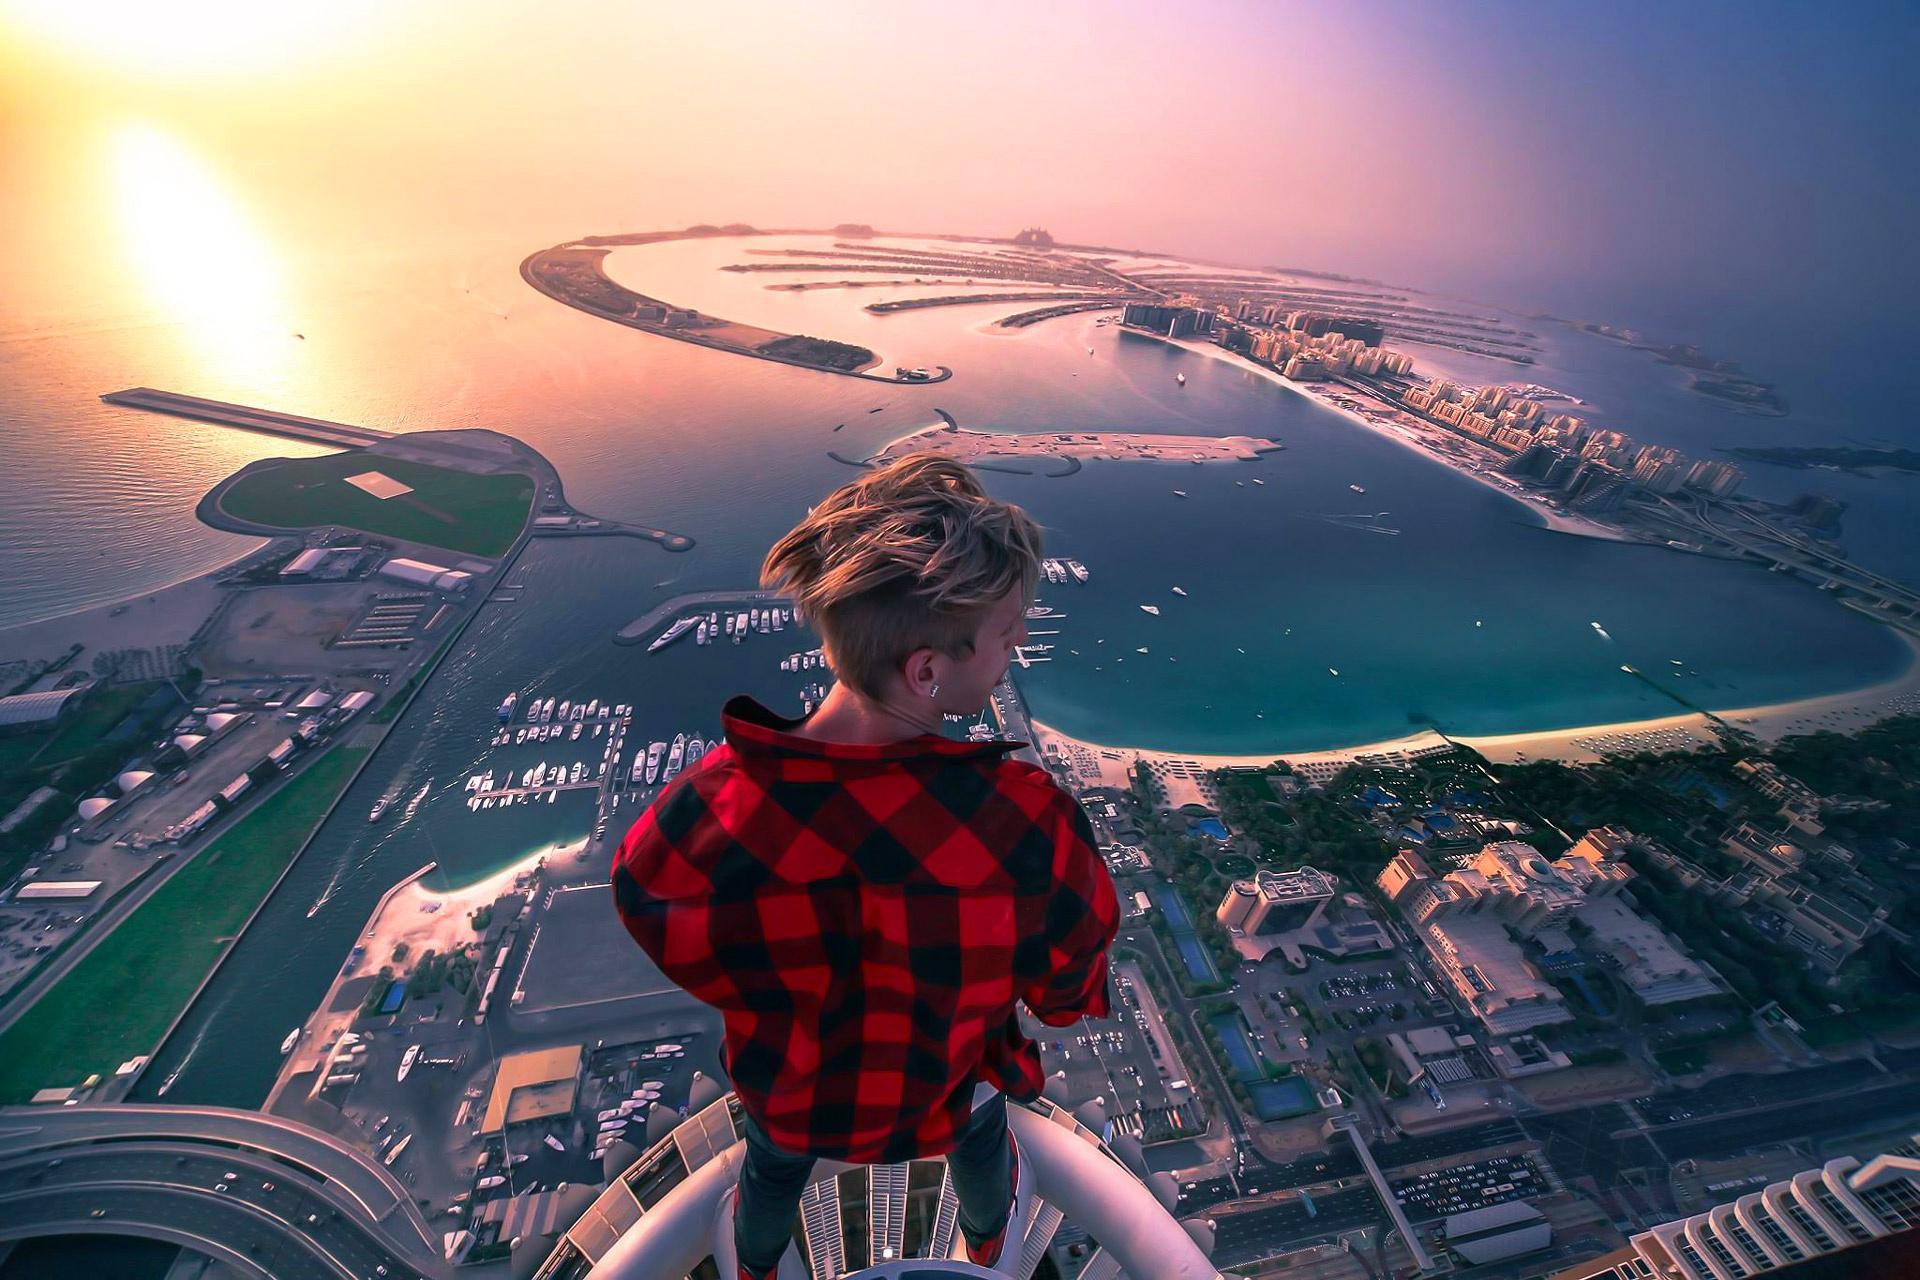 Дубай: картинки и фотографии торговый центр дубая, скачать 86